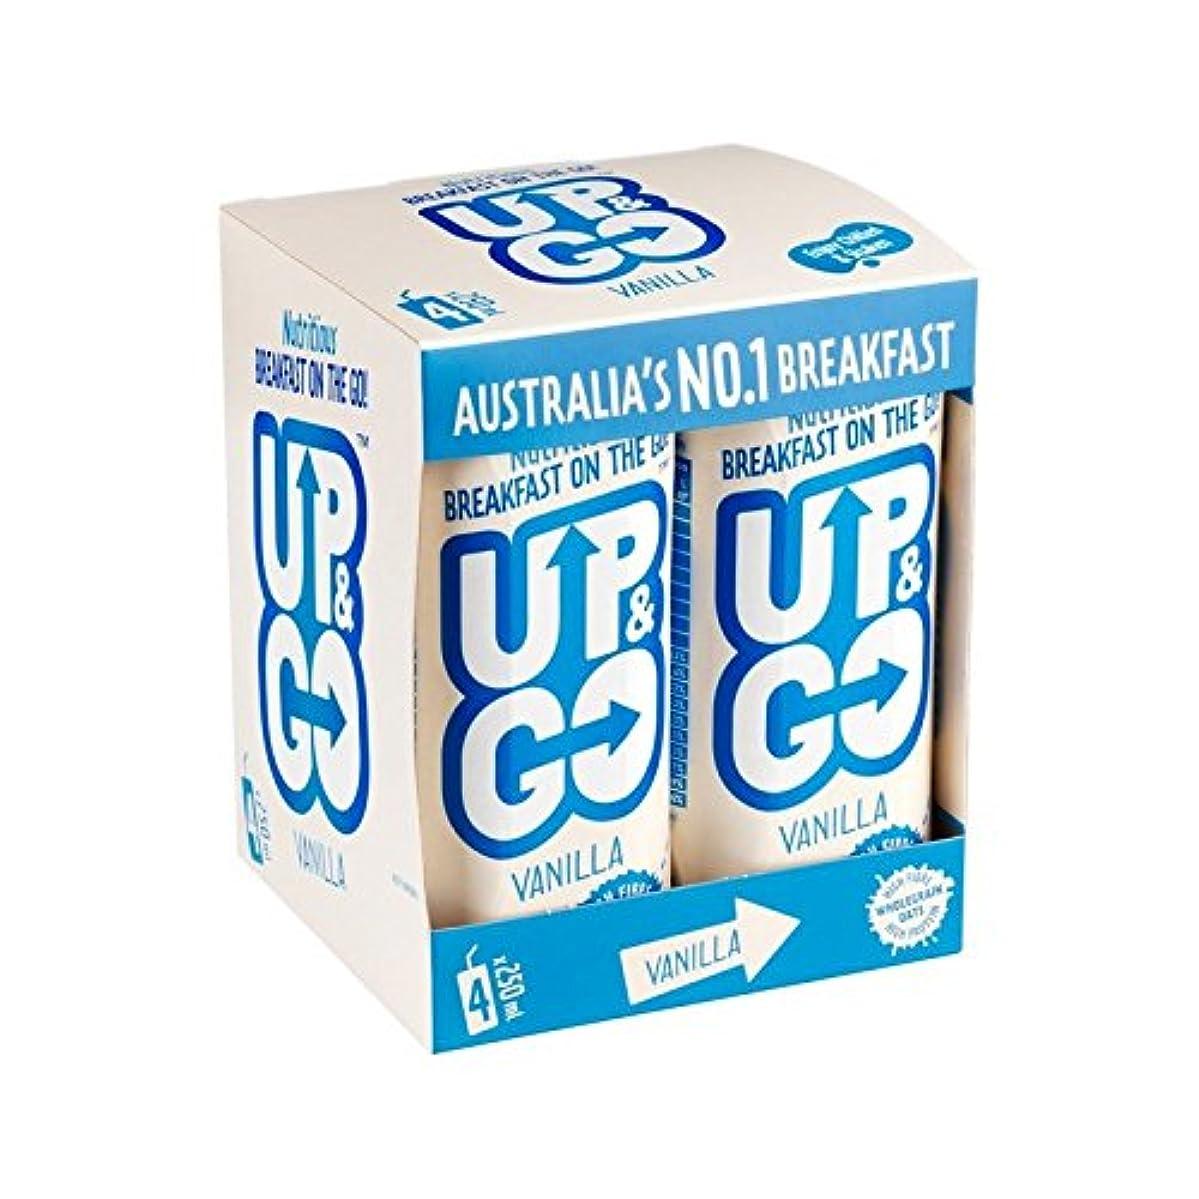 腐ったデコラティブ温かいオート麦4×250ミリリットルとバニラ朝食ドリンク (Up&Go) (x 4) - Up&Go Vanilla Breakfast Drink with Oats 4 x 250ml (Pack of 4) [並行輸入品]